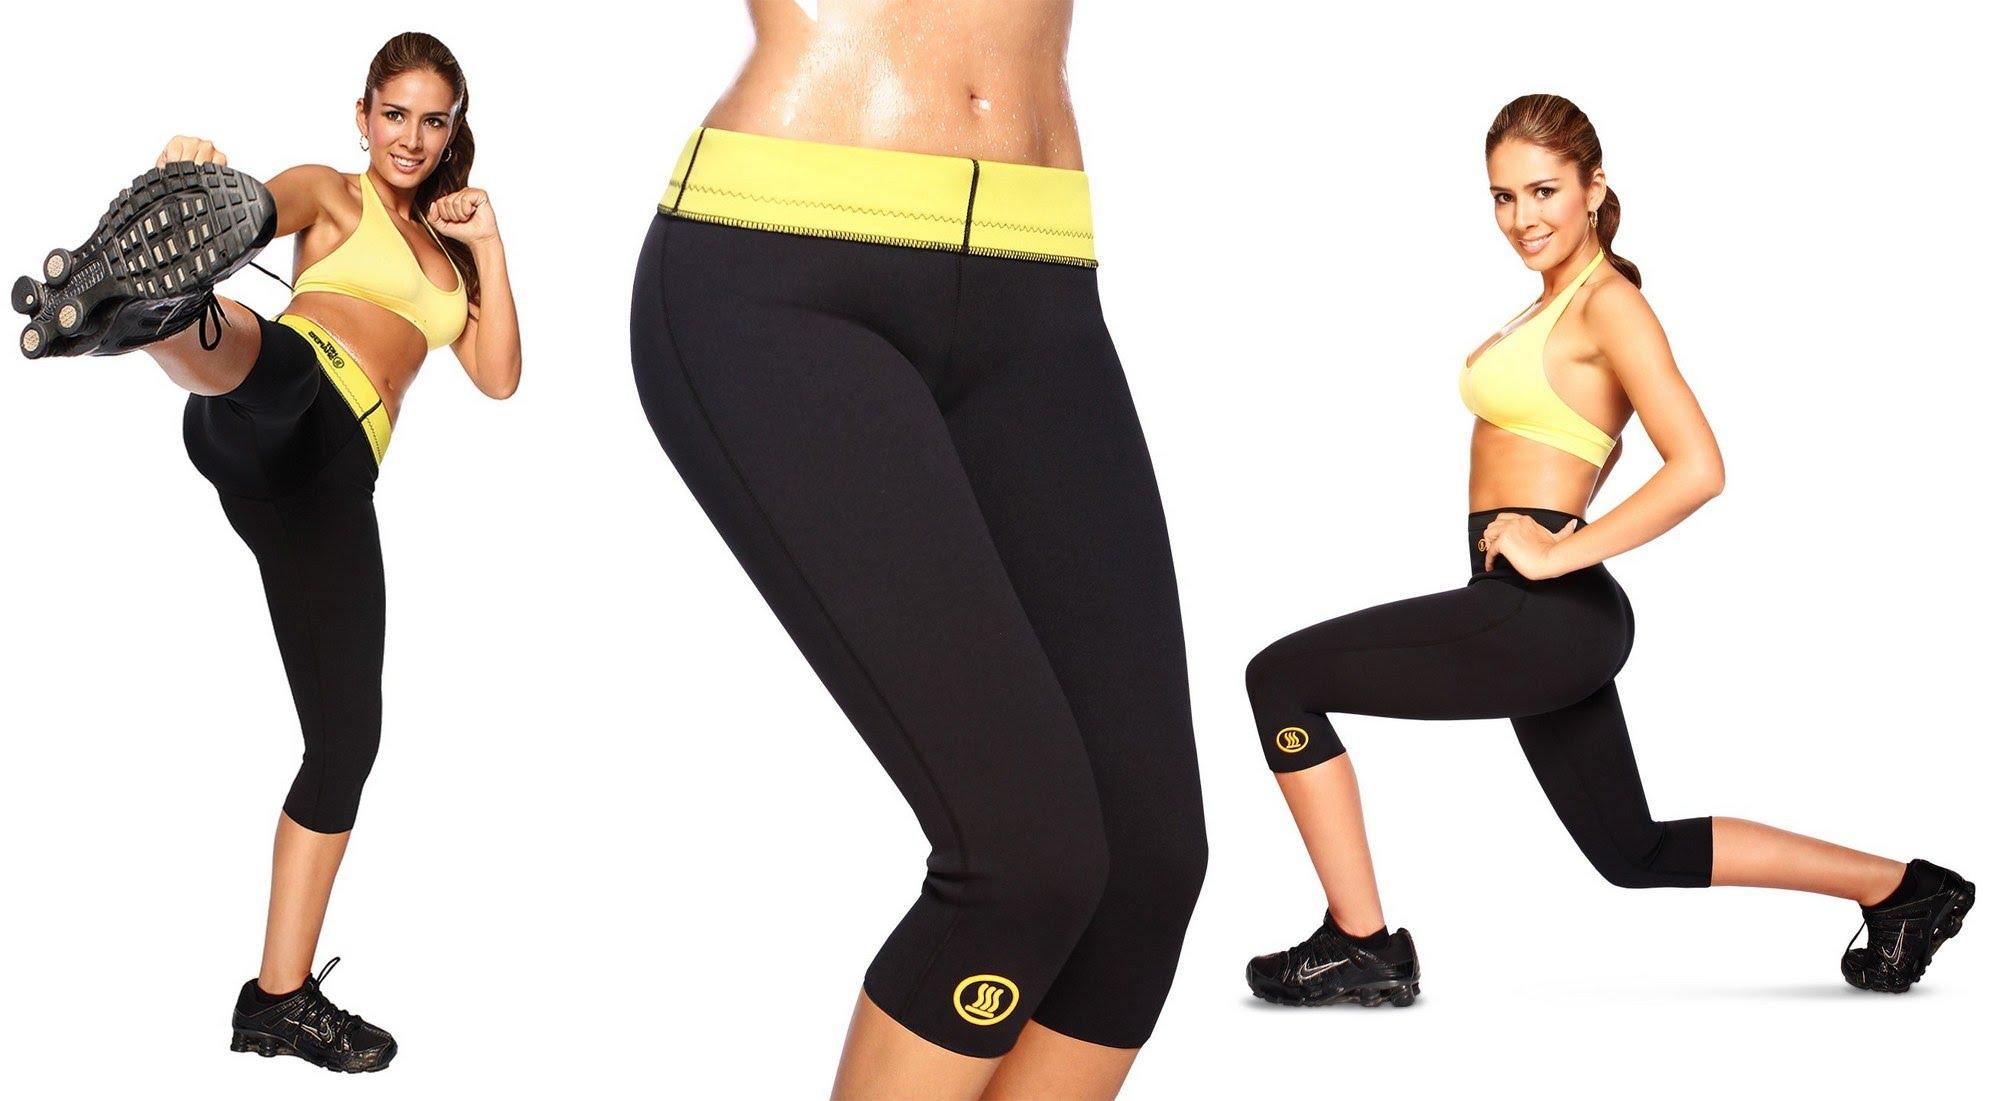 Шорты для похудения Hot Shapers - отзывы реальных покупателей и специалистов